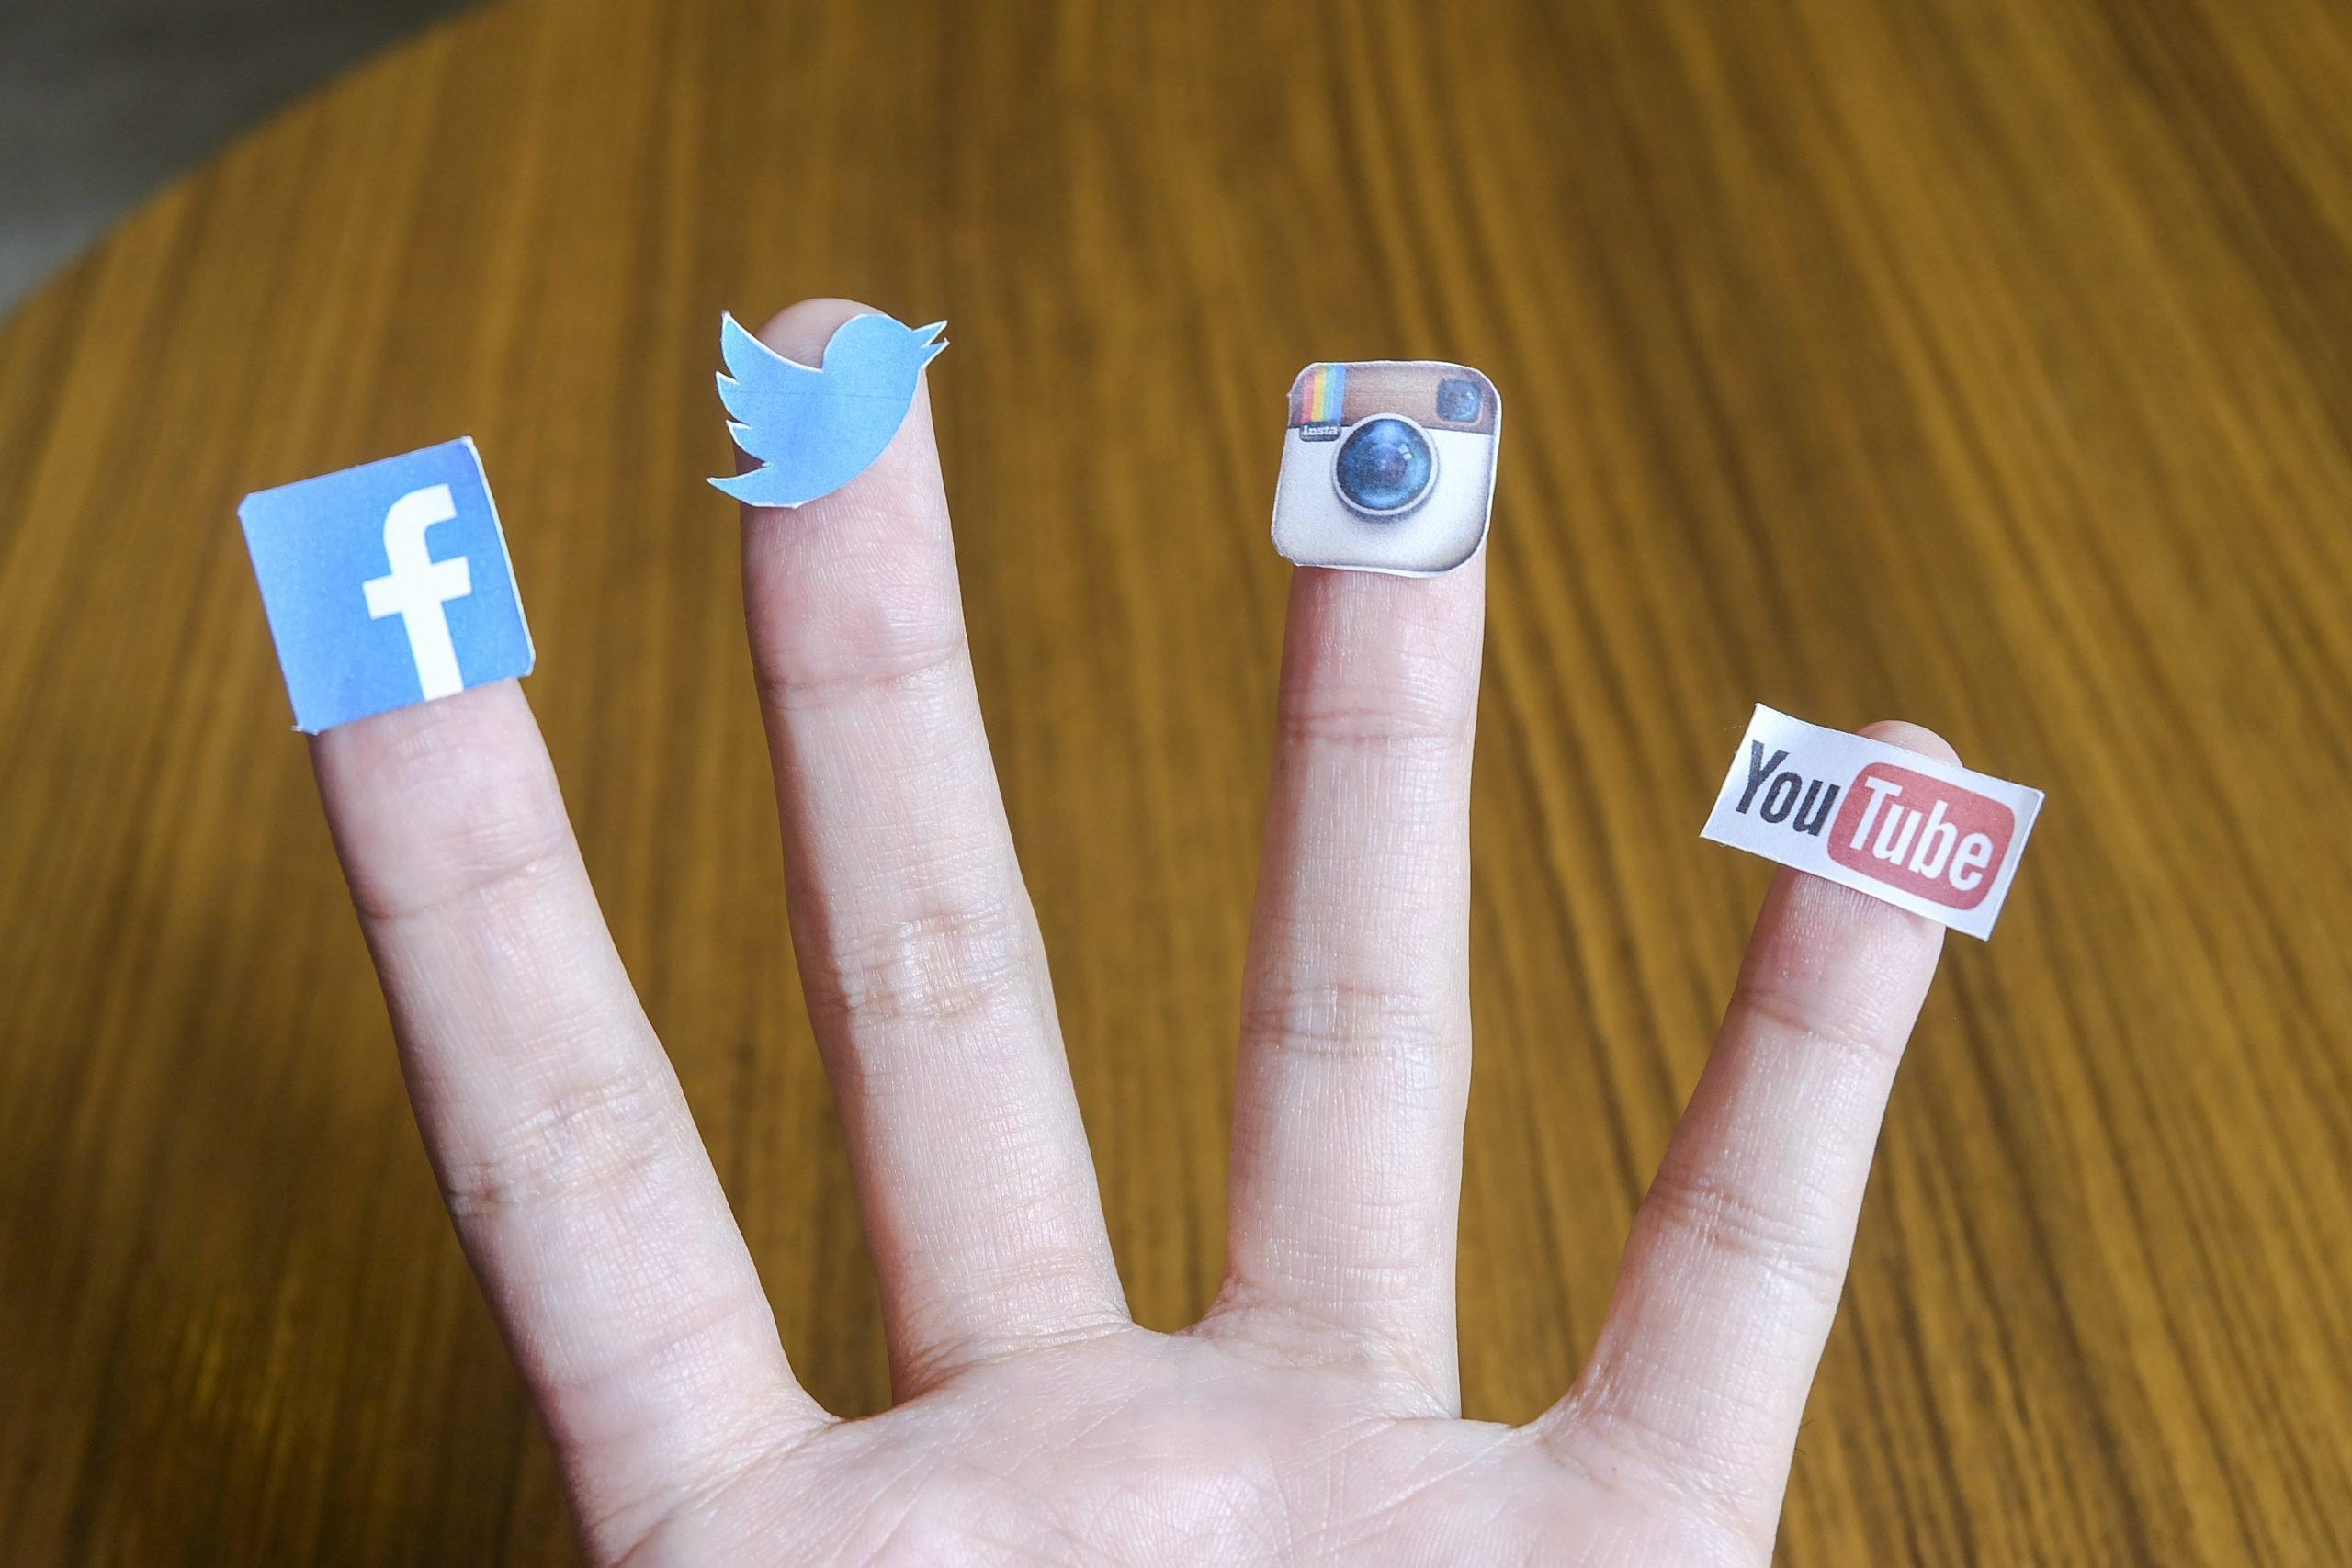 Thrane Media - håndtering af presse og sociale medier